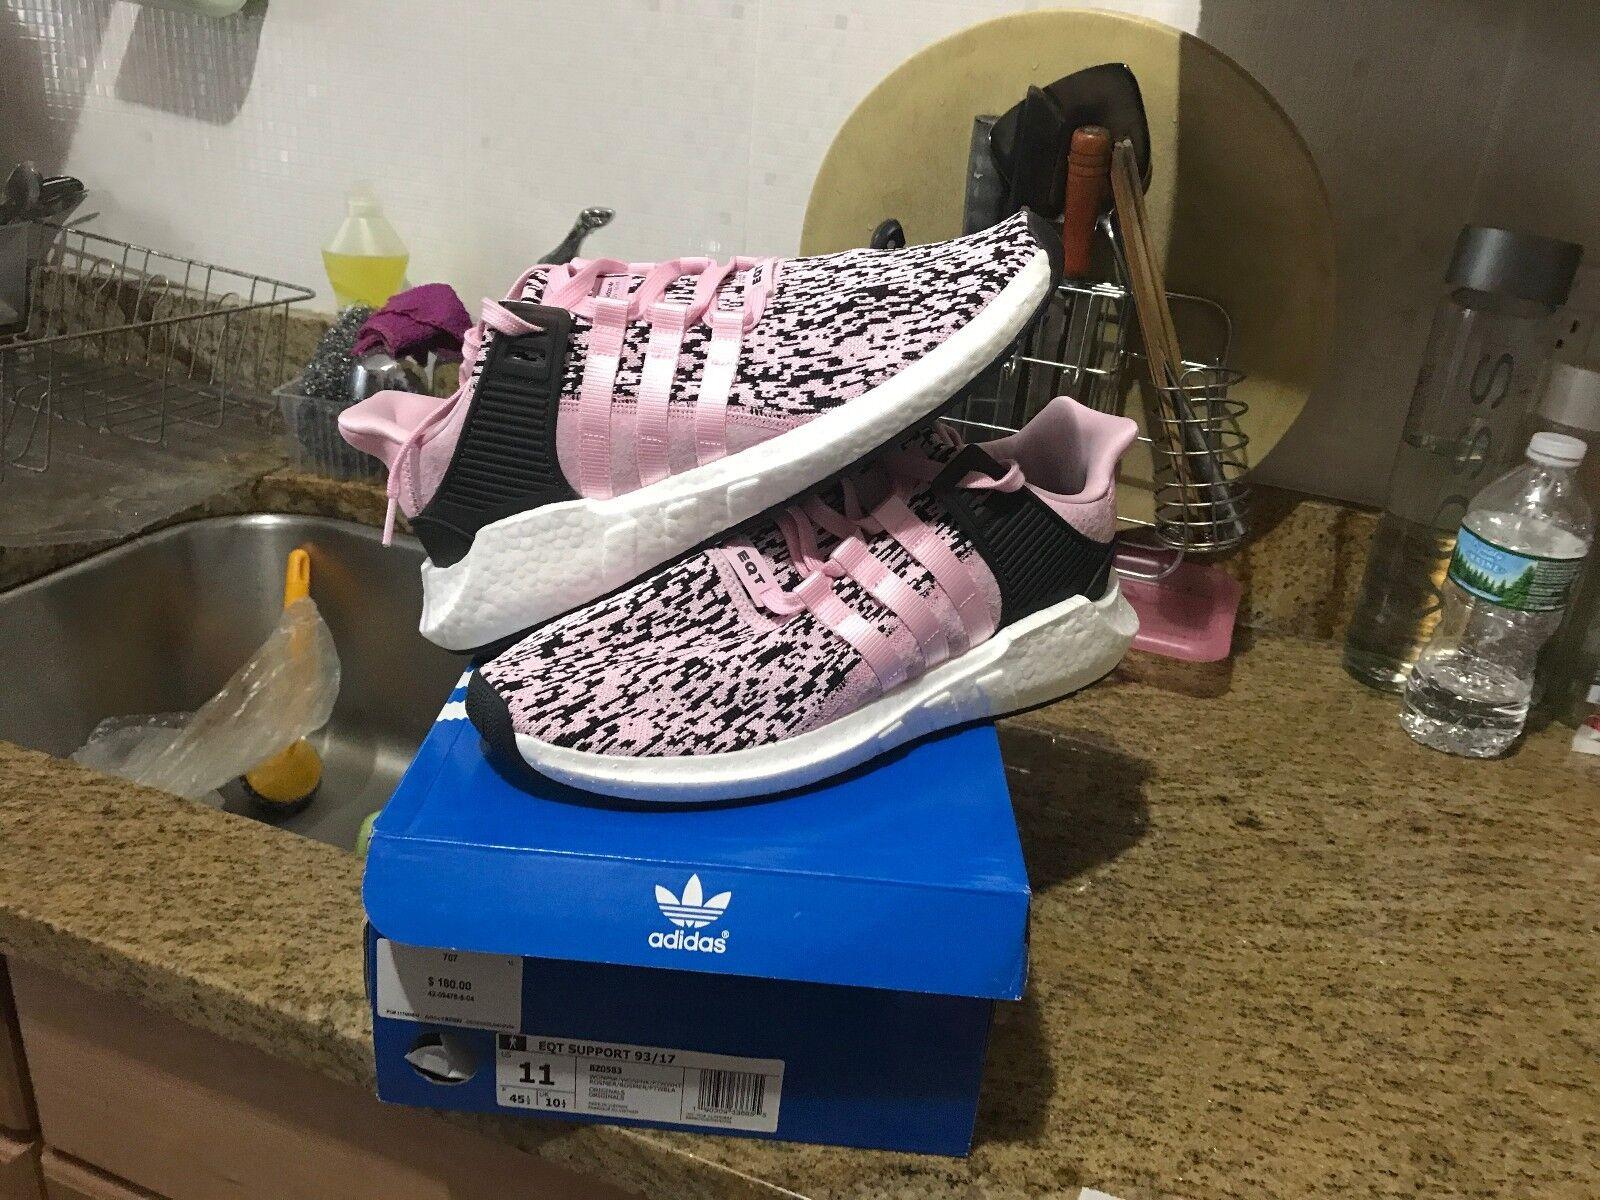 Adidas originali 17 eqt sostegno 93 / 17 originali chiedo rosa - bianco bz0583 uomini 8e0ce9